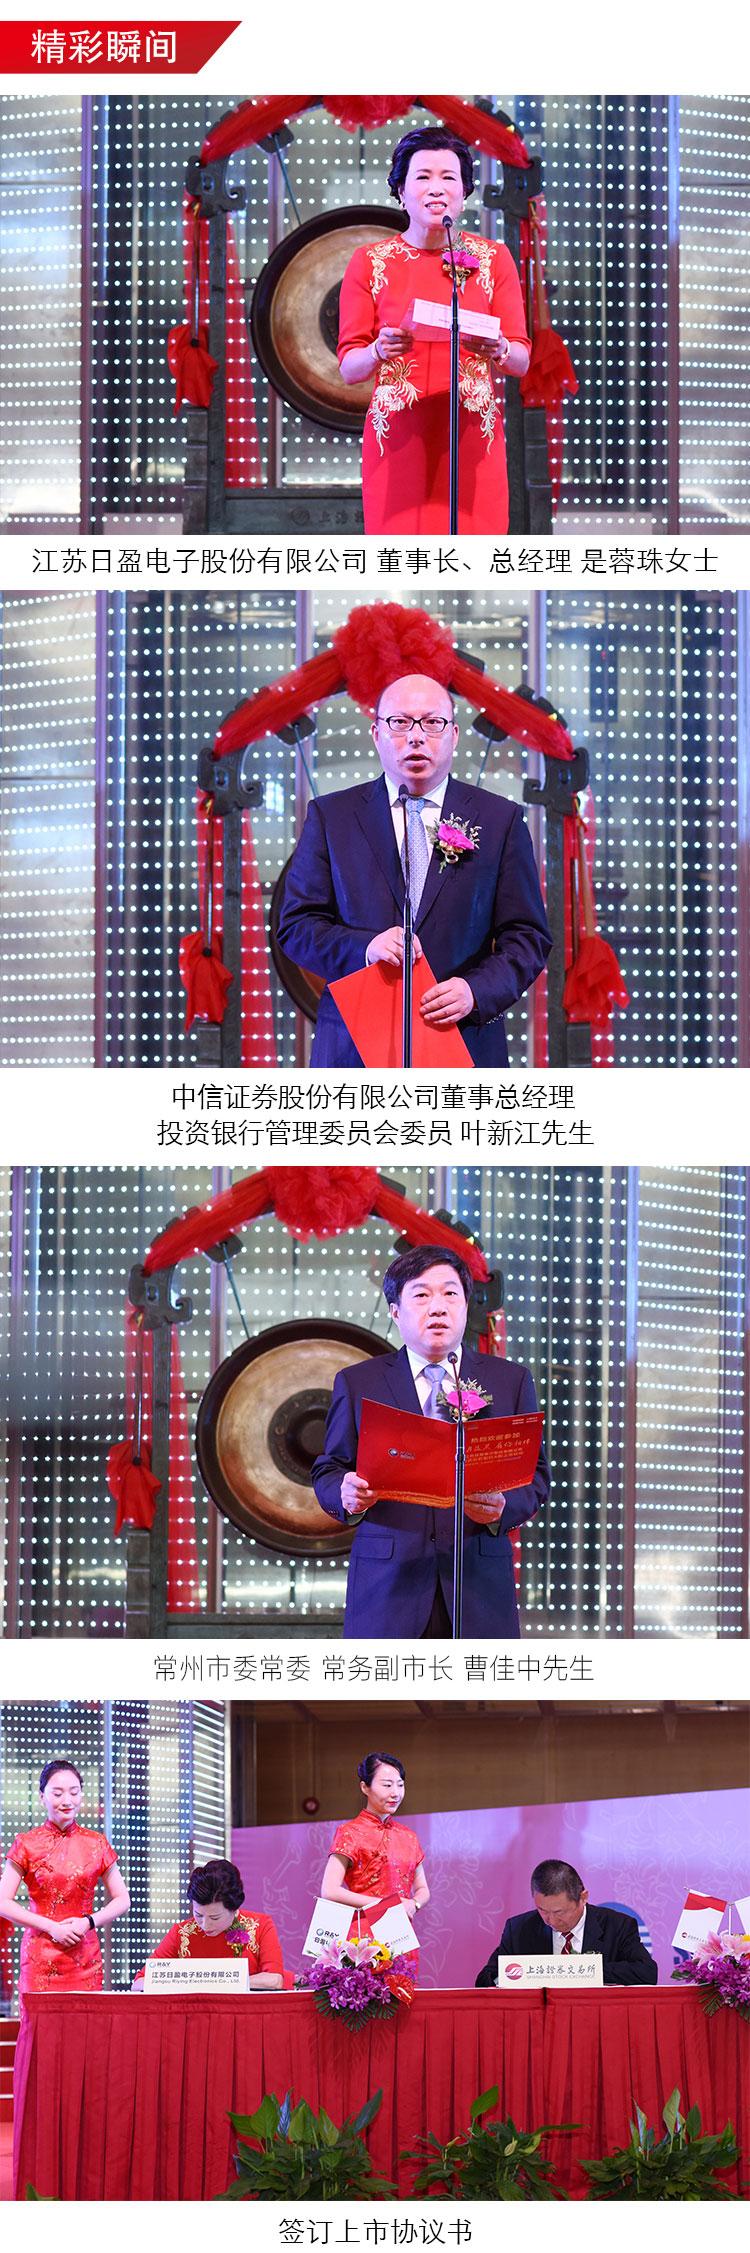 日盈-上市海报_05.jpg